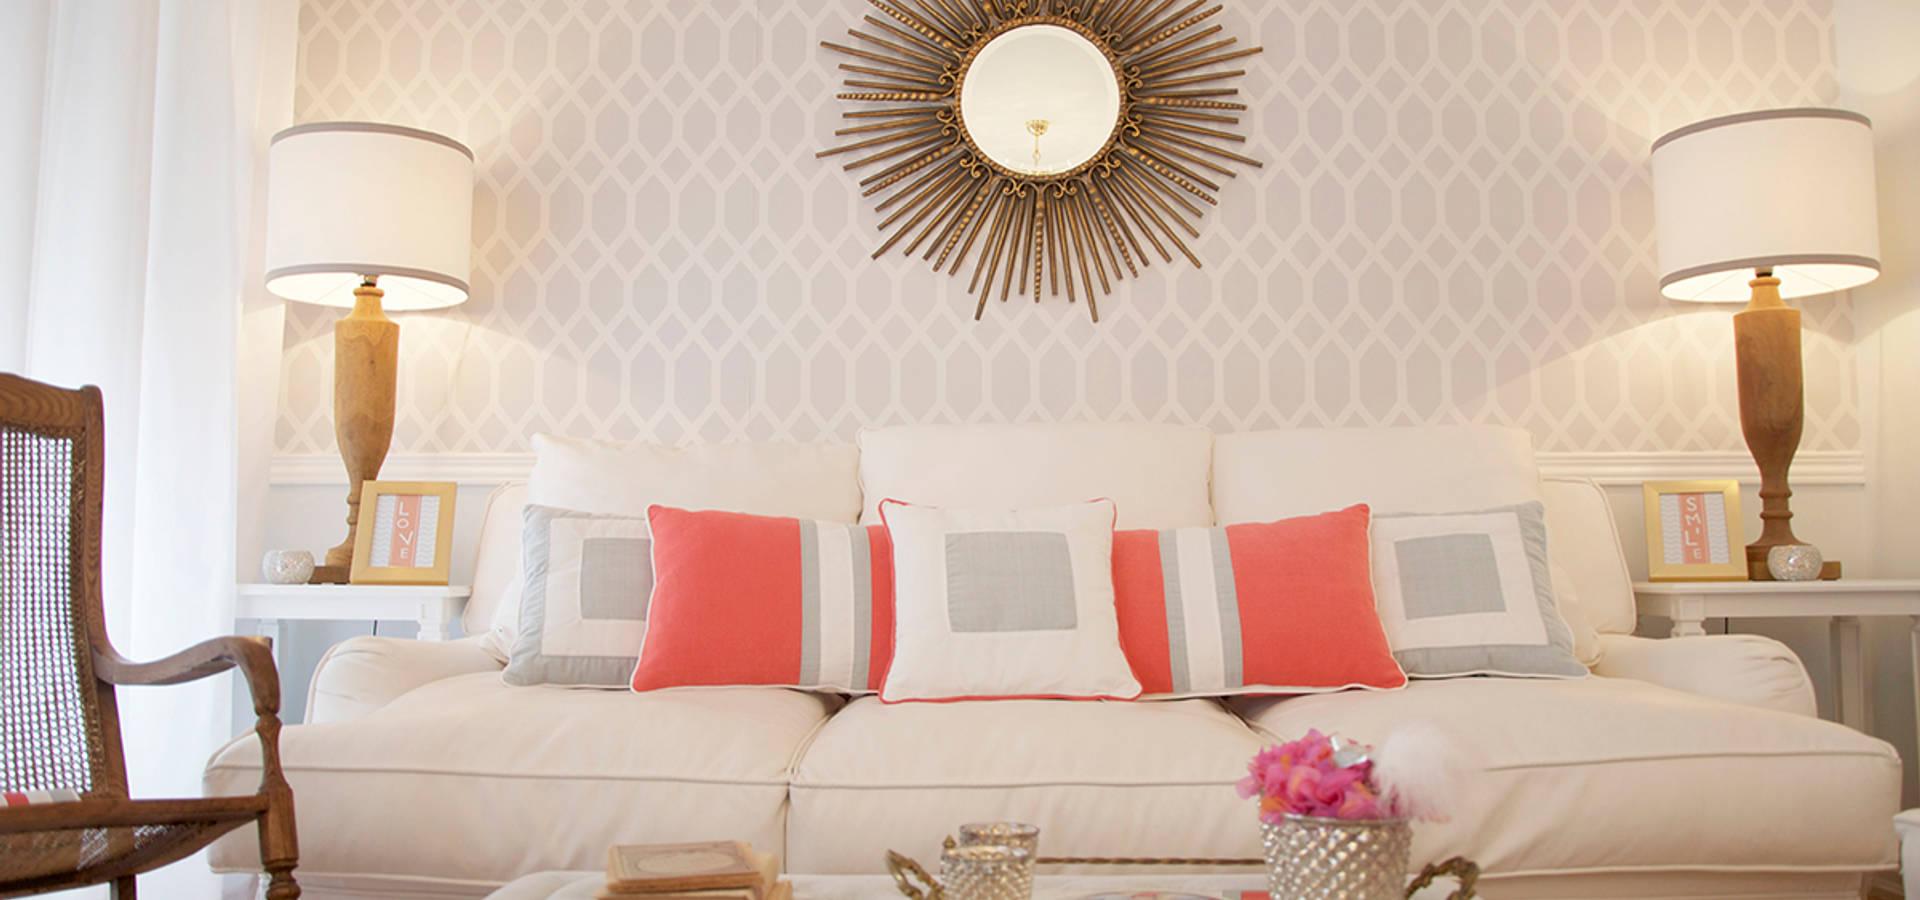 Love maison by catarina batista arquitectura e interiores - Arquitectura de interiores ...